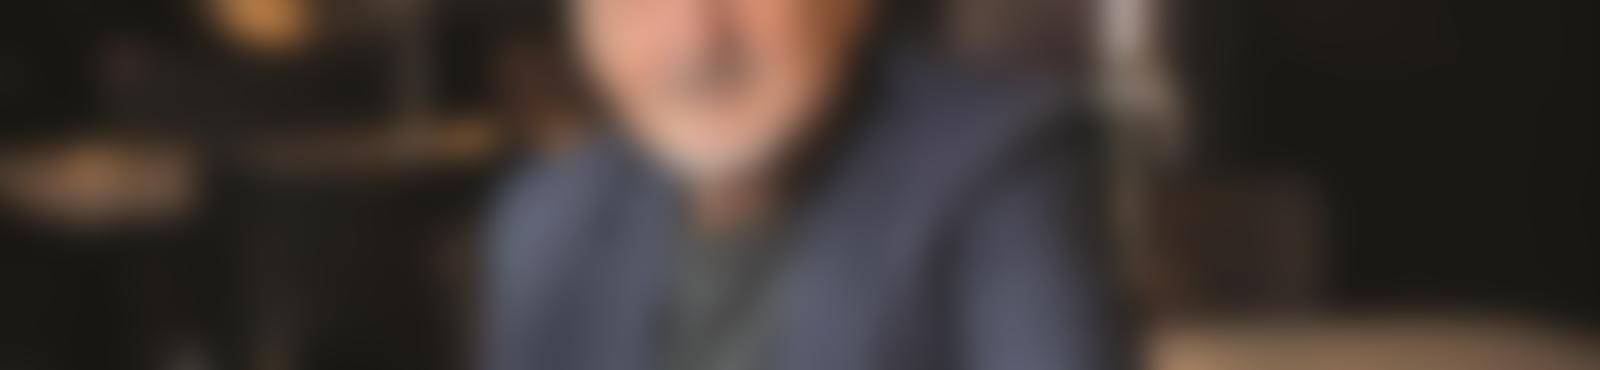 Blurred 88ae49a4 176f 4e92 88f4 a39c3f95cce2